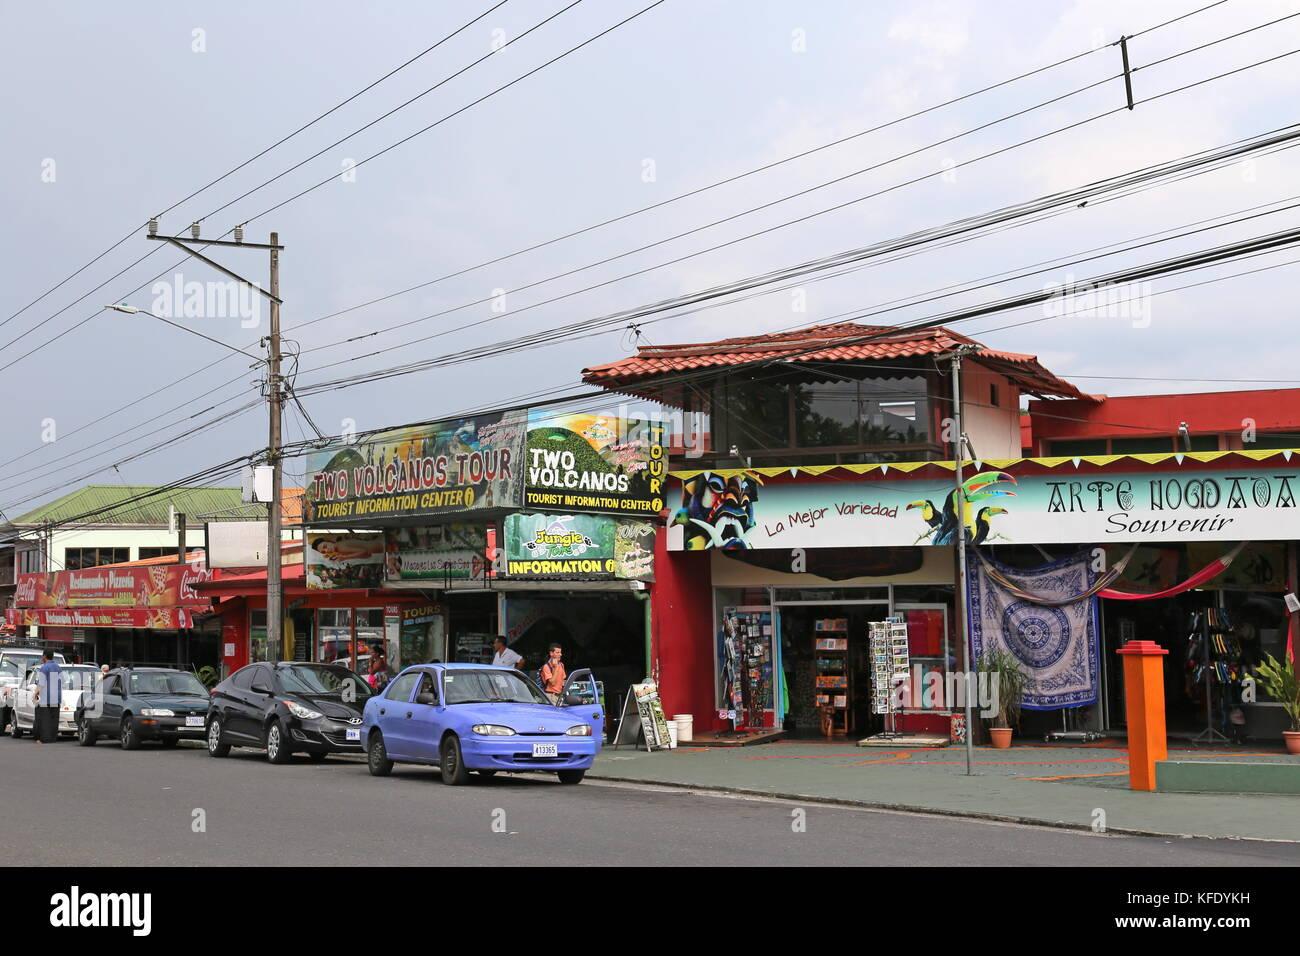 Town centre, La Fortuna, Alajuela province, Costa Rica, Central America - Stock Image